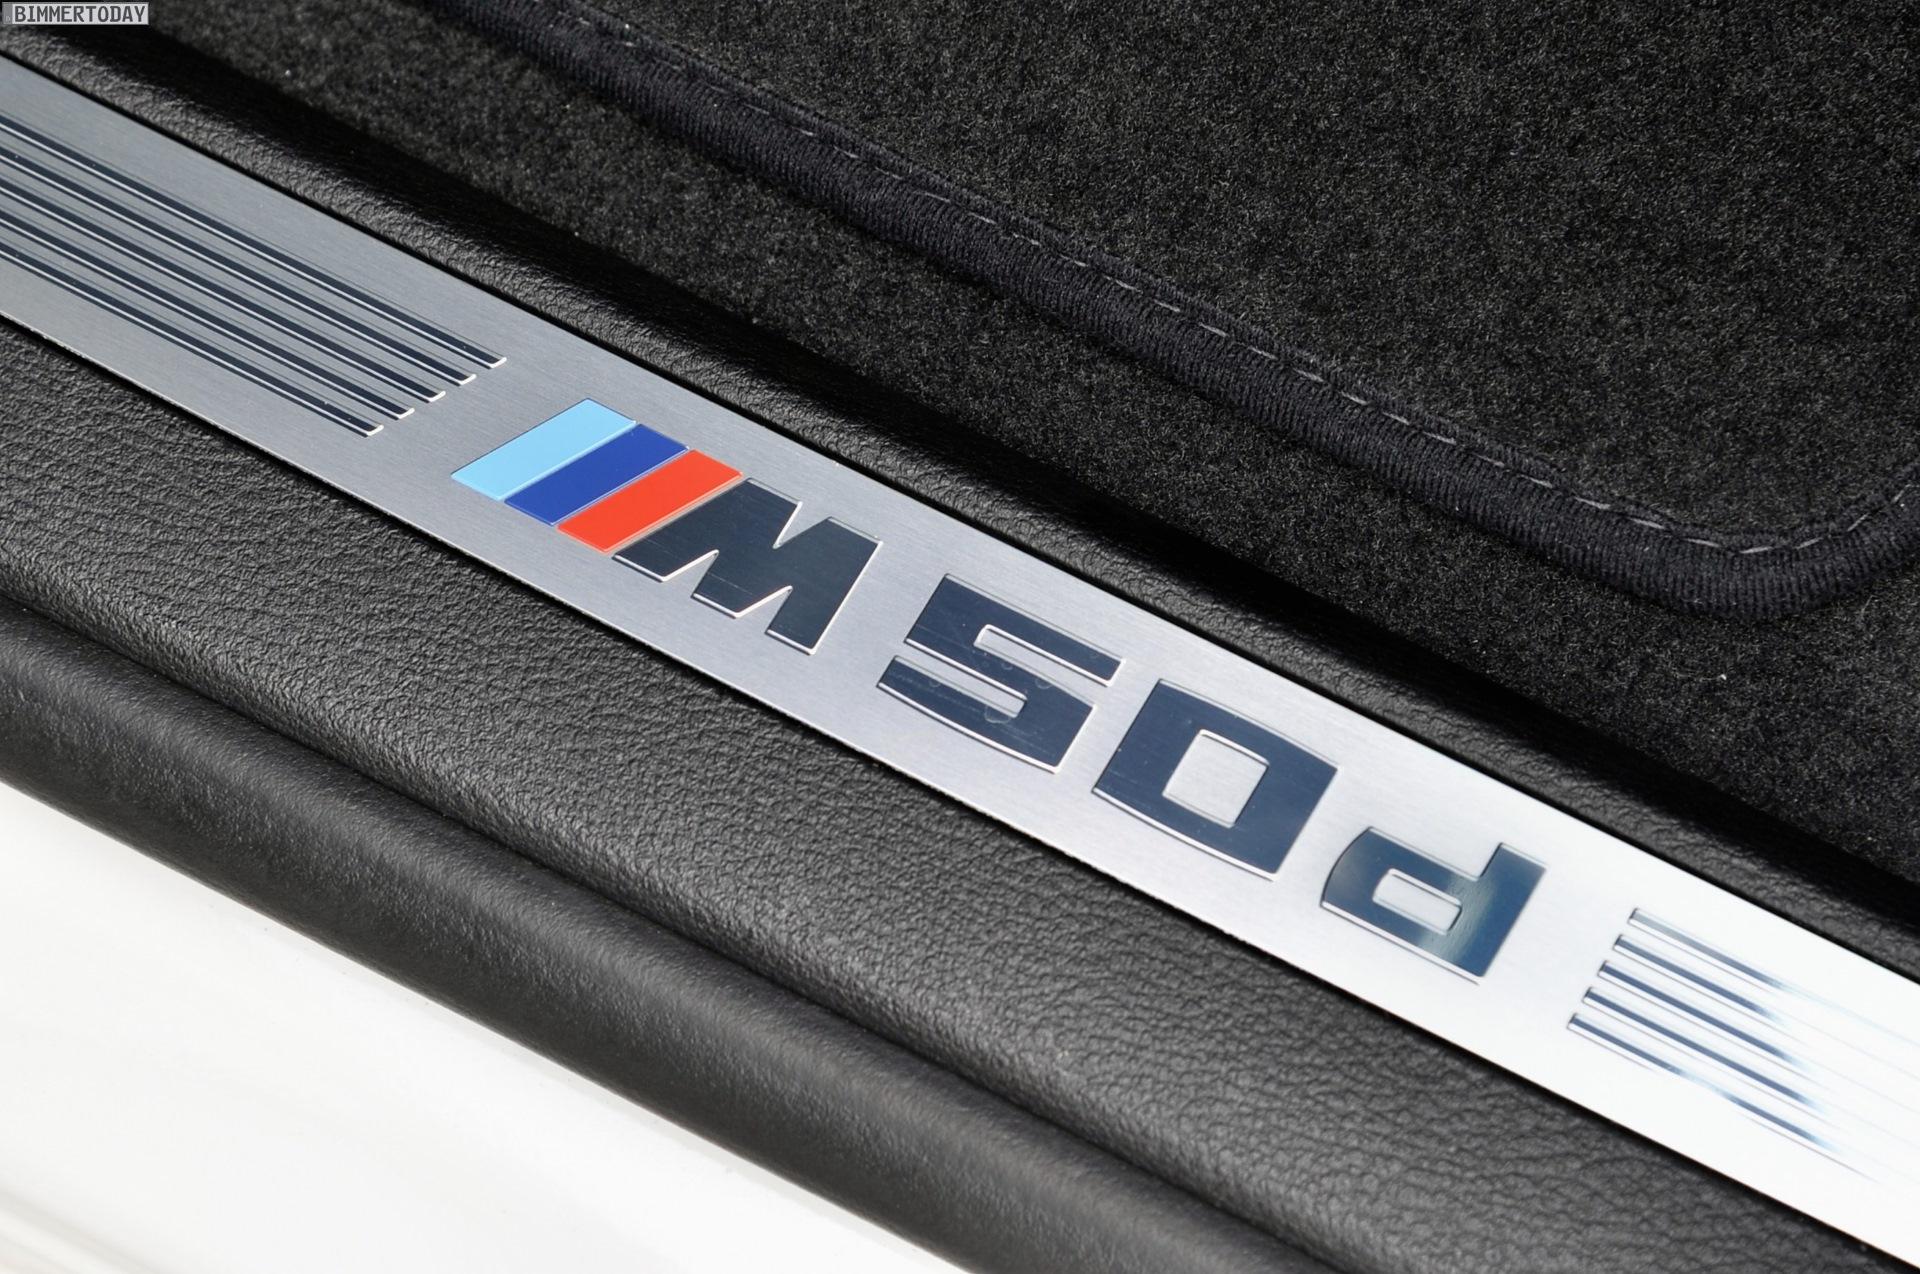 2014 BMW X5 M50d F15 M Sportpaket weiss Triturbo Diesel offiziell 22